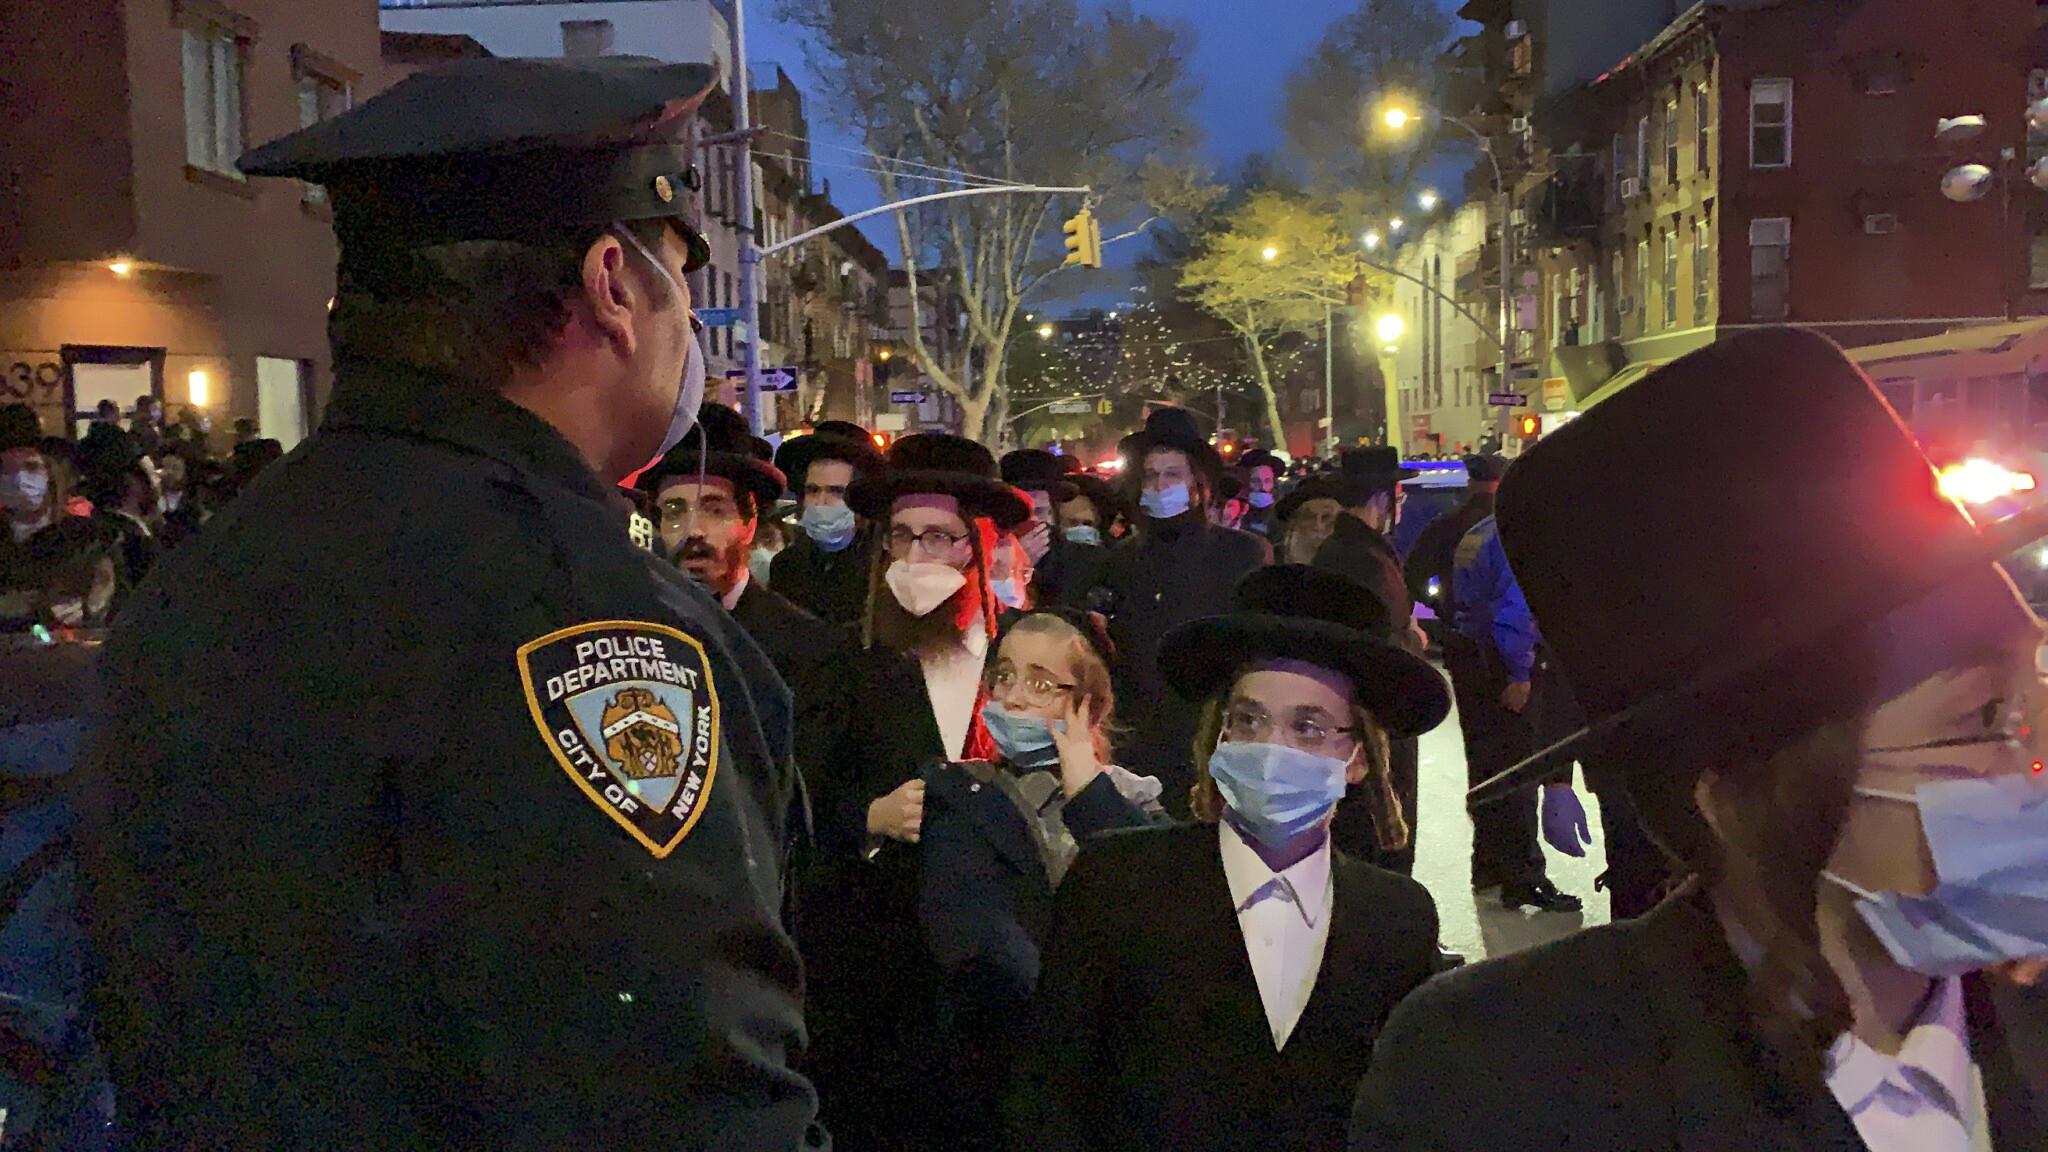 Un officier de police de la ville de New York monte la garde alors que des centaines de personnes se rassemblent à Brooklyn à New York, le 28 avril 2020, pour assister aux funérailles du rabbin Chaim Mertz, décédé du coronavirus. (Crédit : Peter Gerber, via AP)